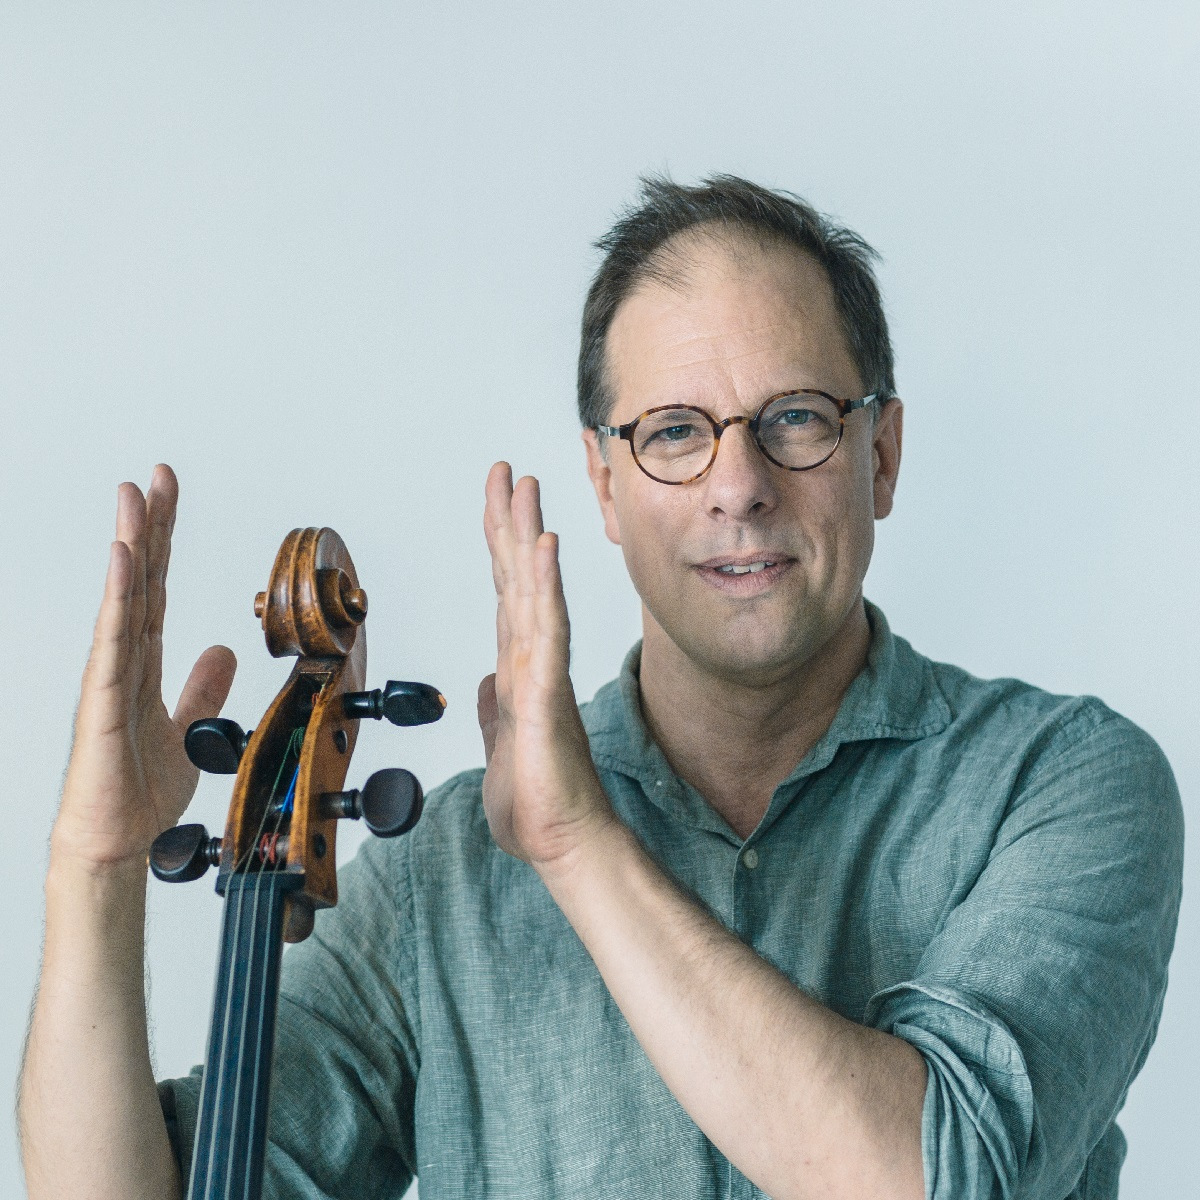 Conférence par Daniel Haefliger : Corde et discorde / ordre et désordre : du silence dans la musique